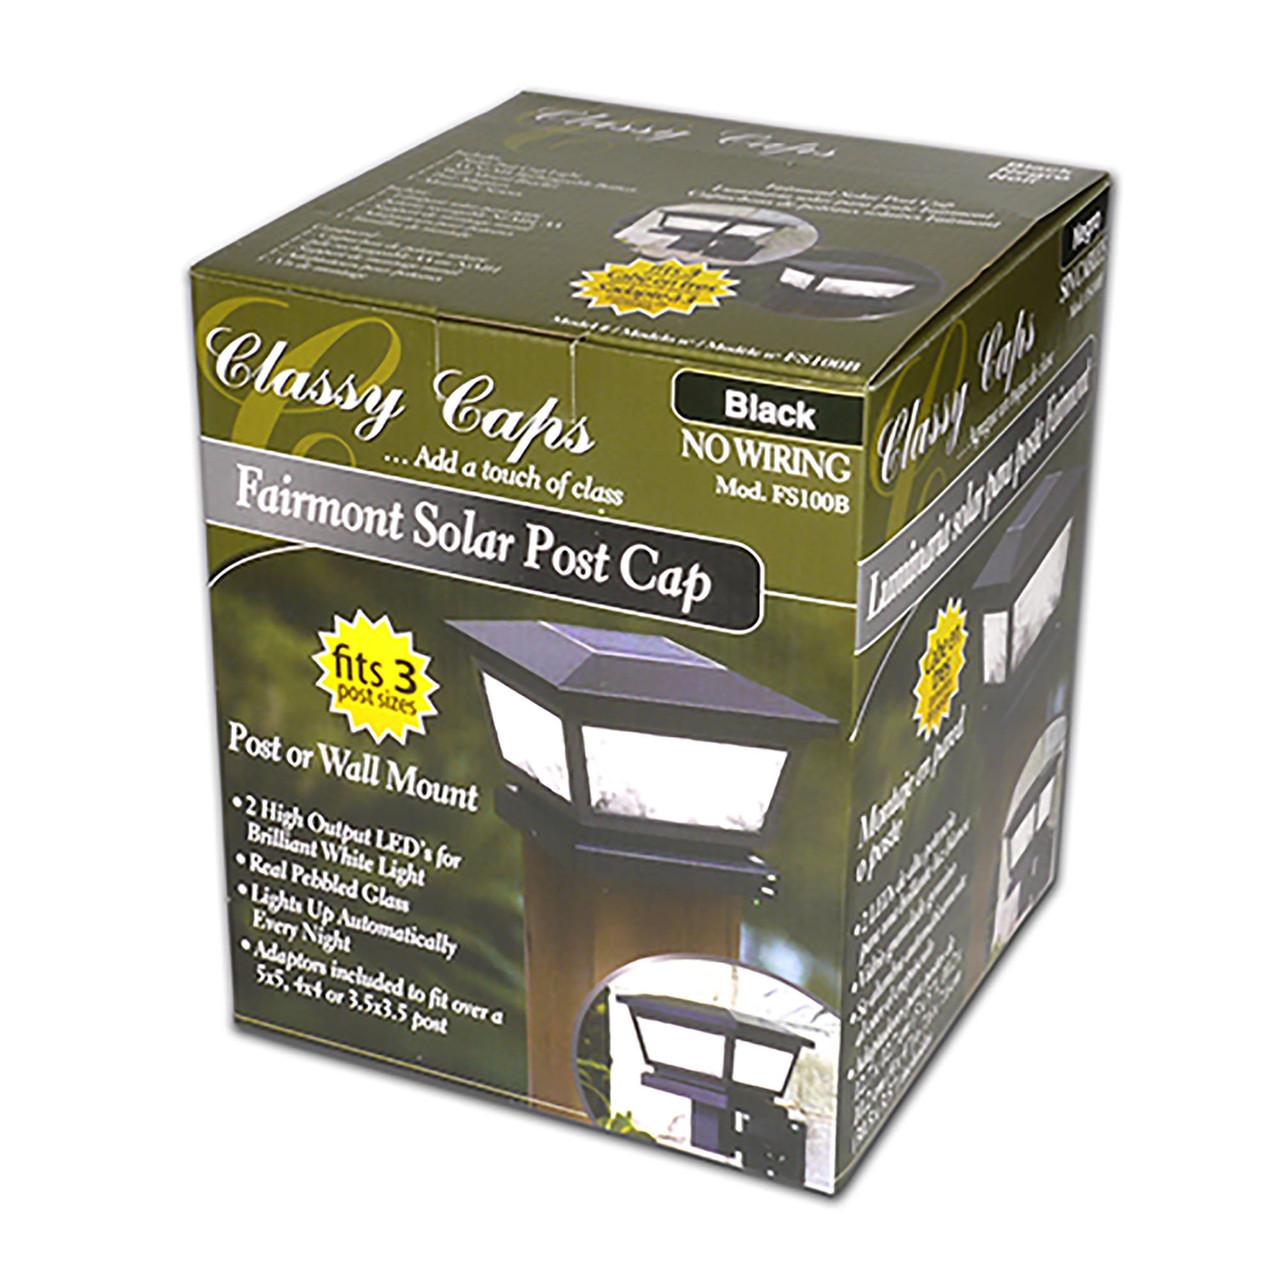 Classy Caps Fairmont Solar Post Cap in Box